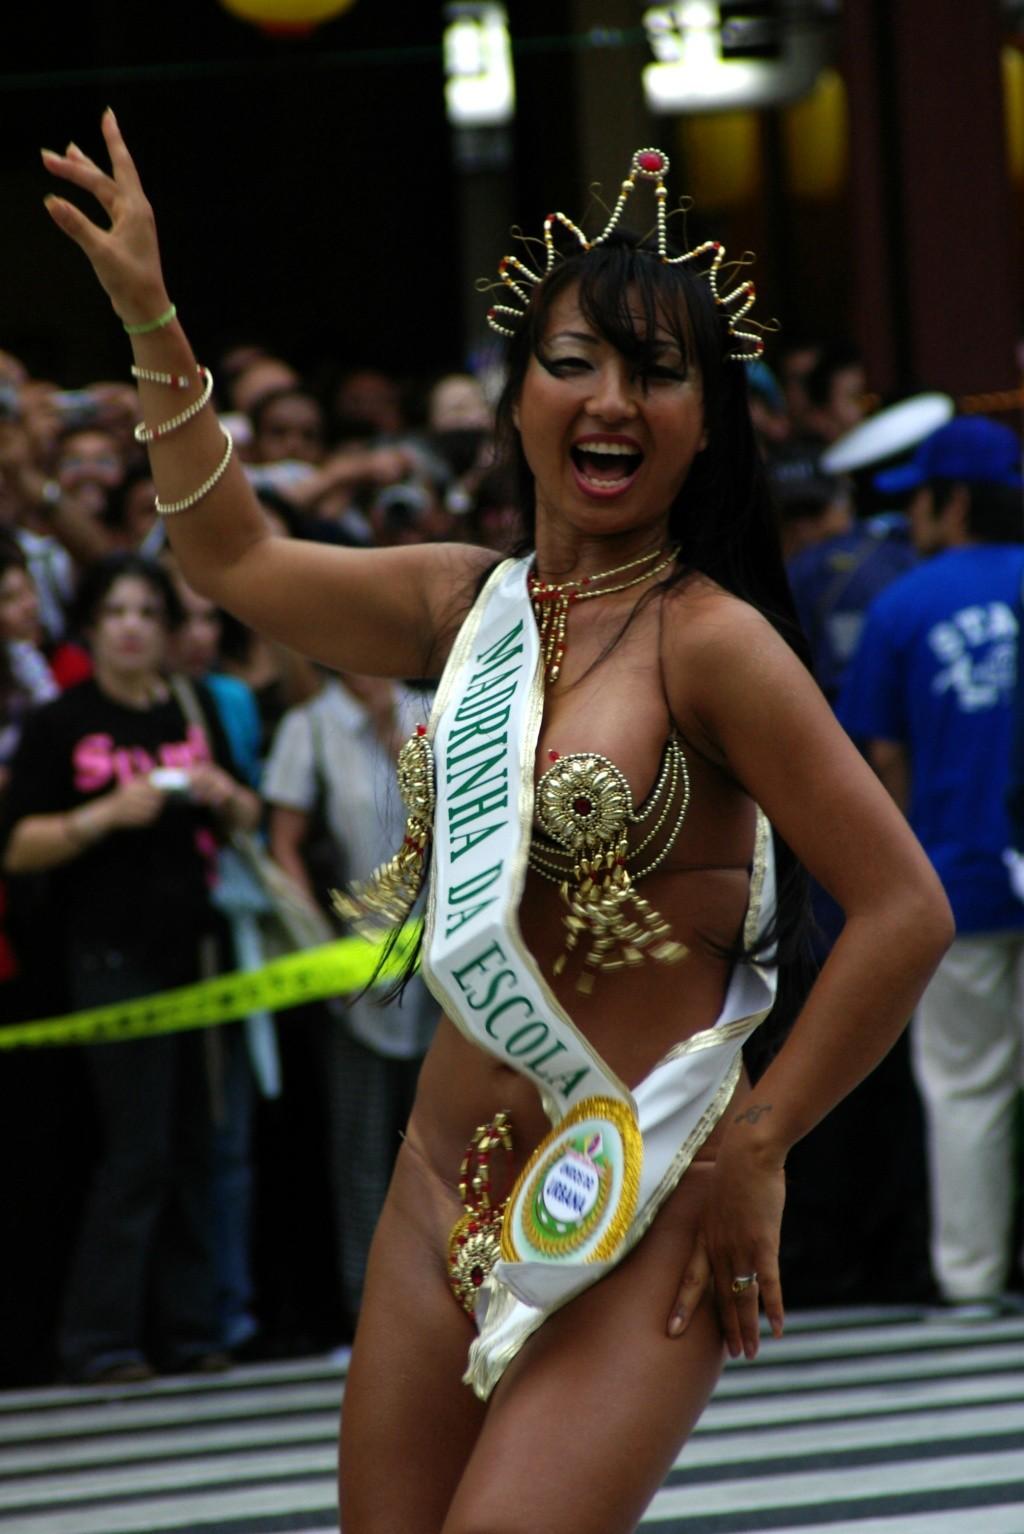 真っ昼間から裸同然で踊り狂う日本のサンバカーニバルがエロすぎるwww(15枚)その2